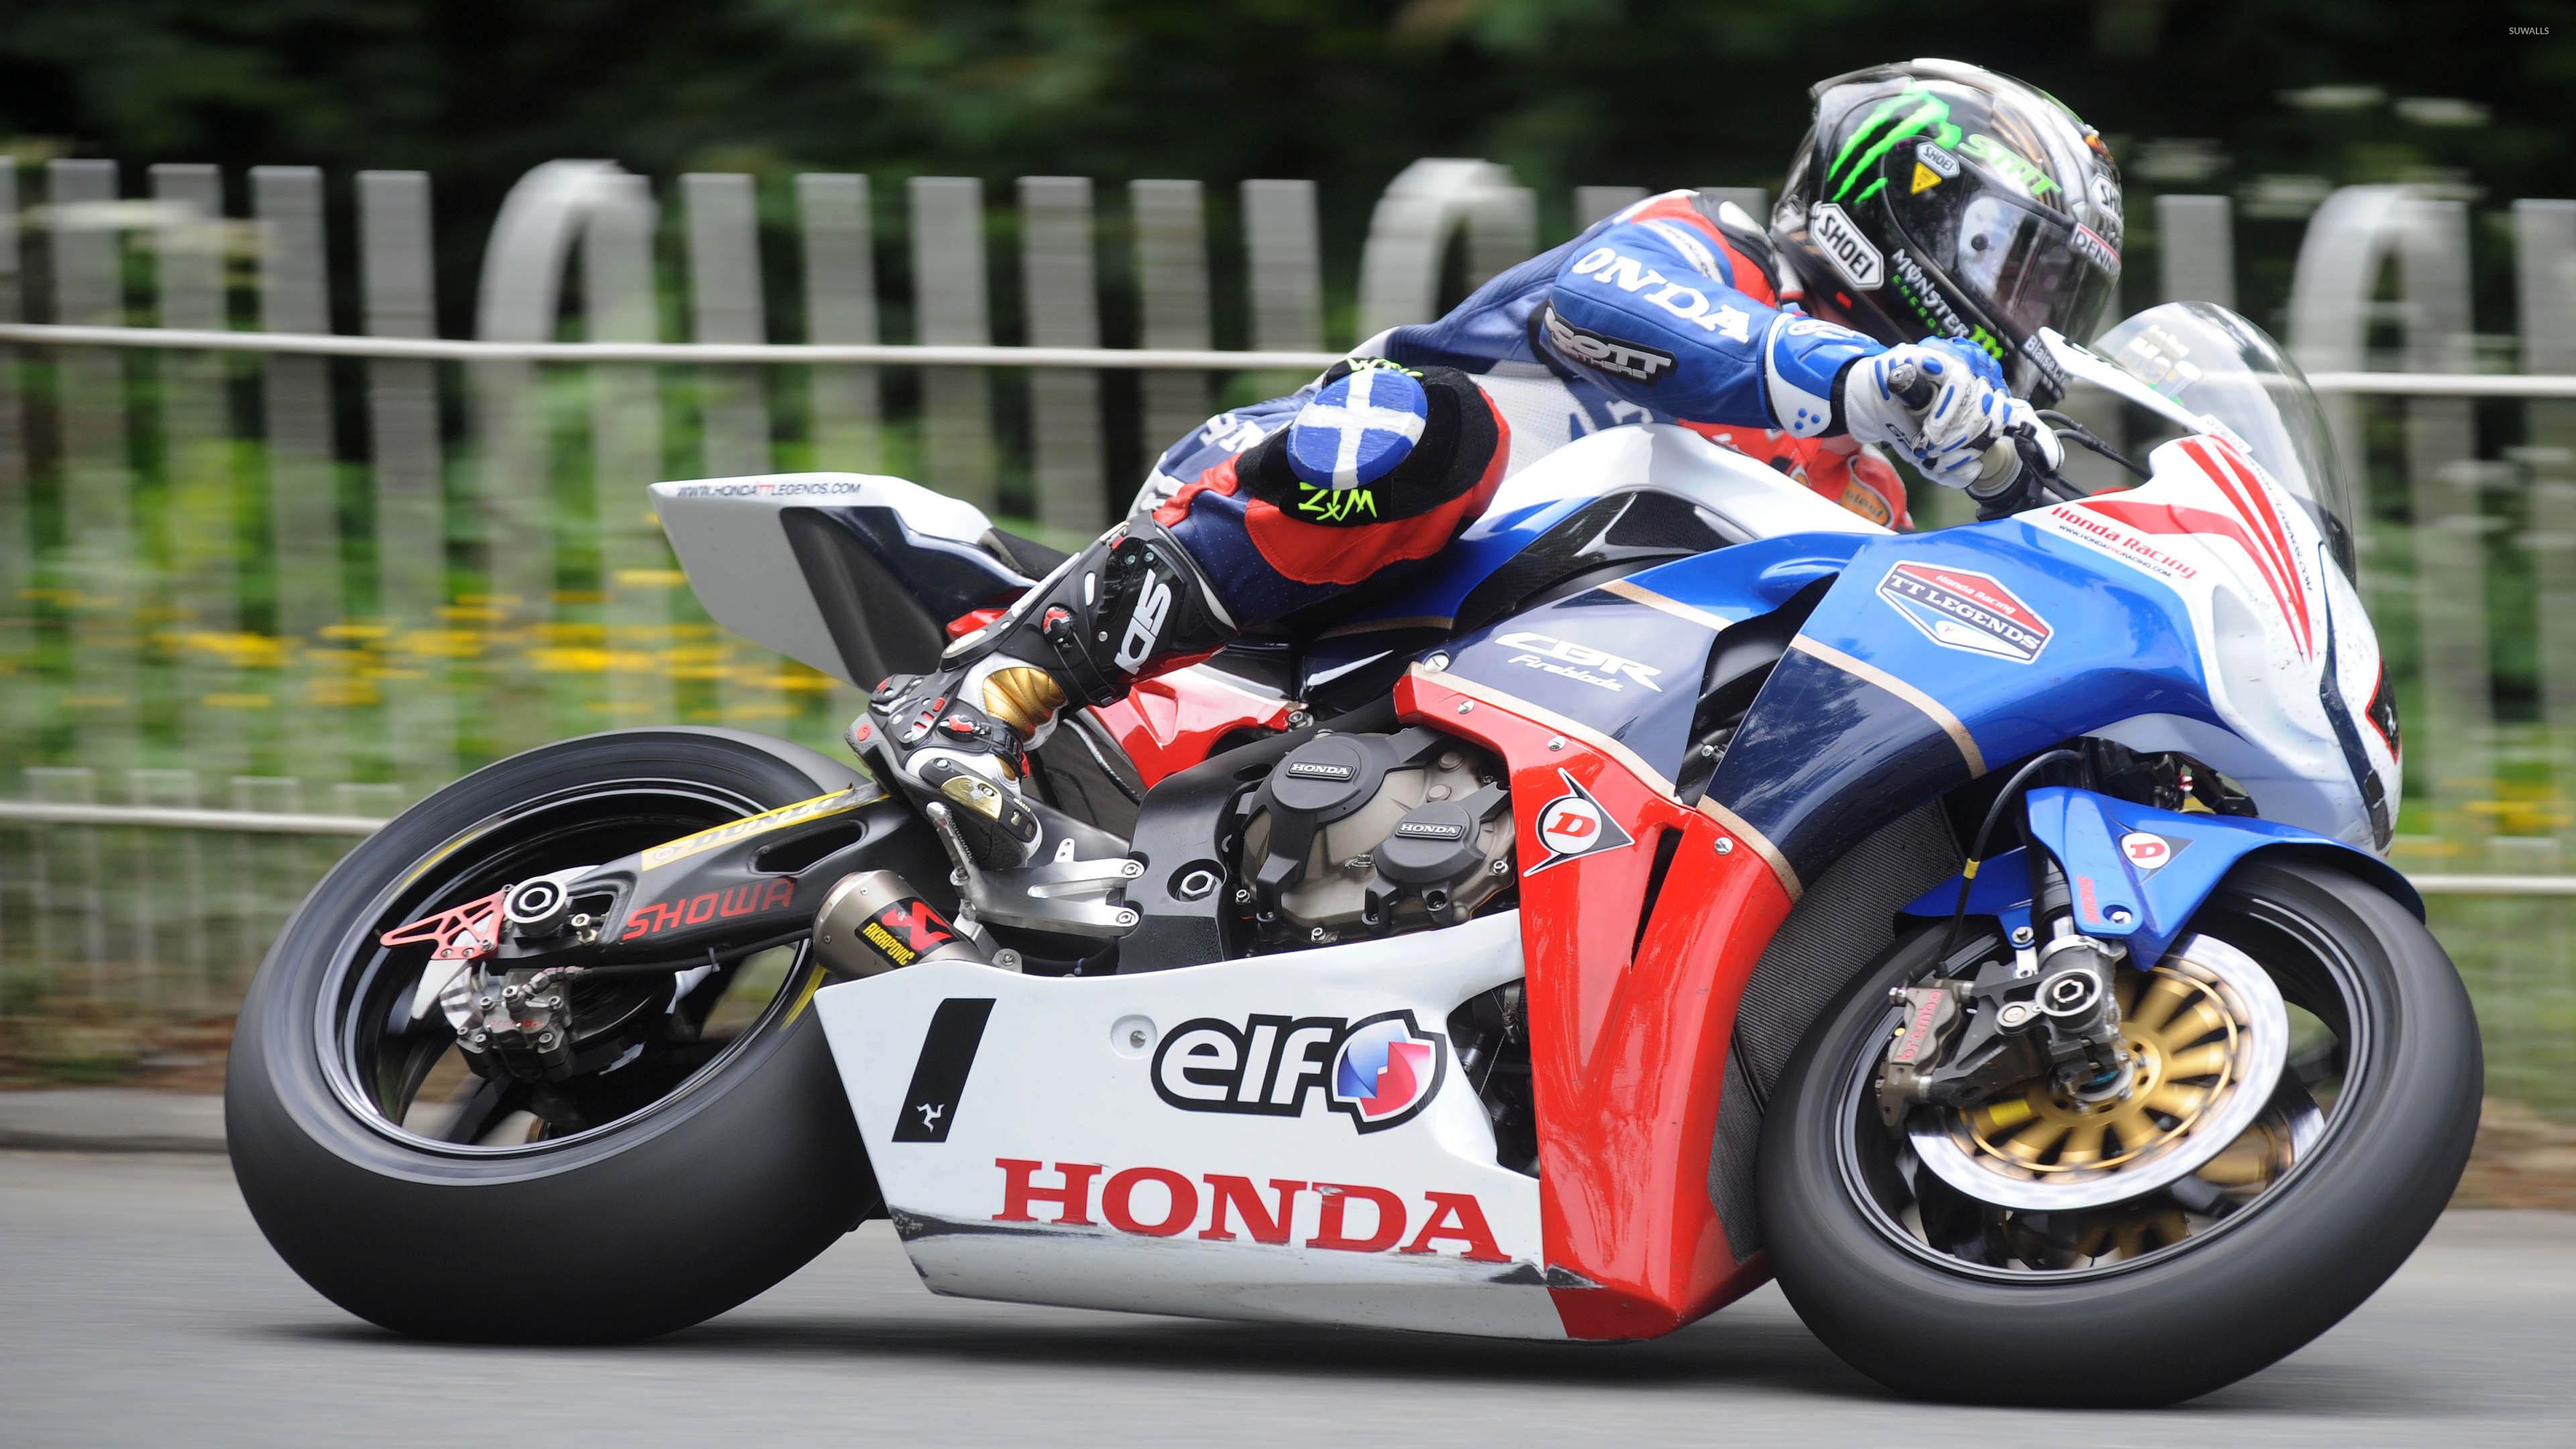 John McGuinness on a Honda during a race wallpaper - Sport wallpapers - #52761